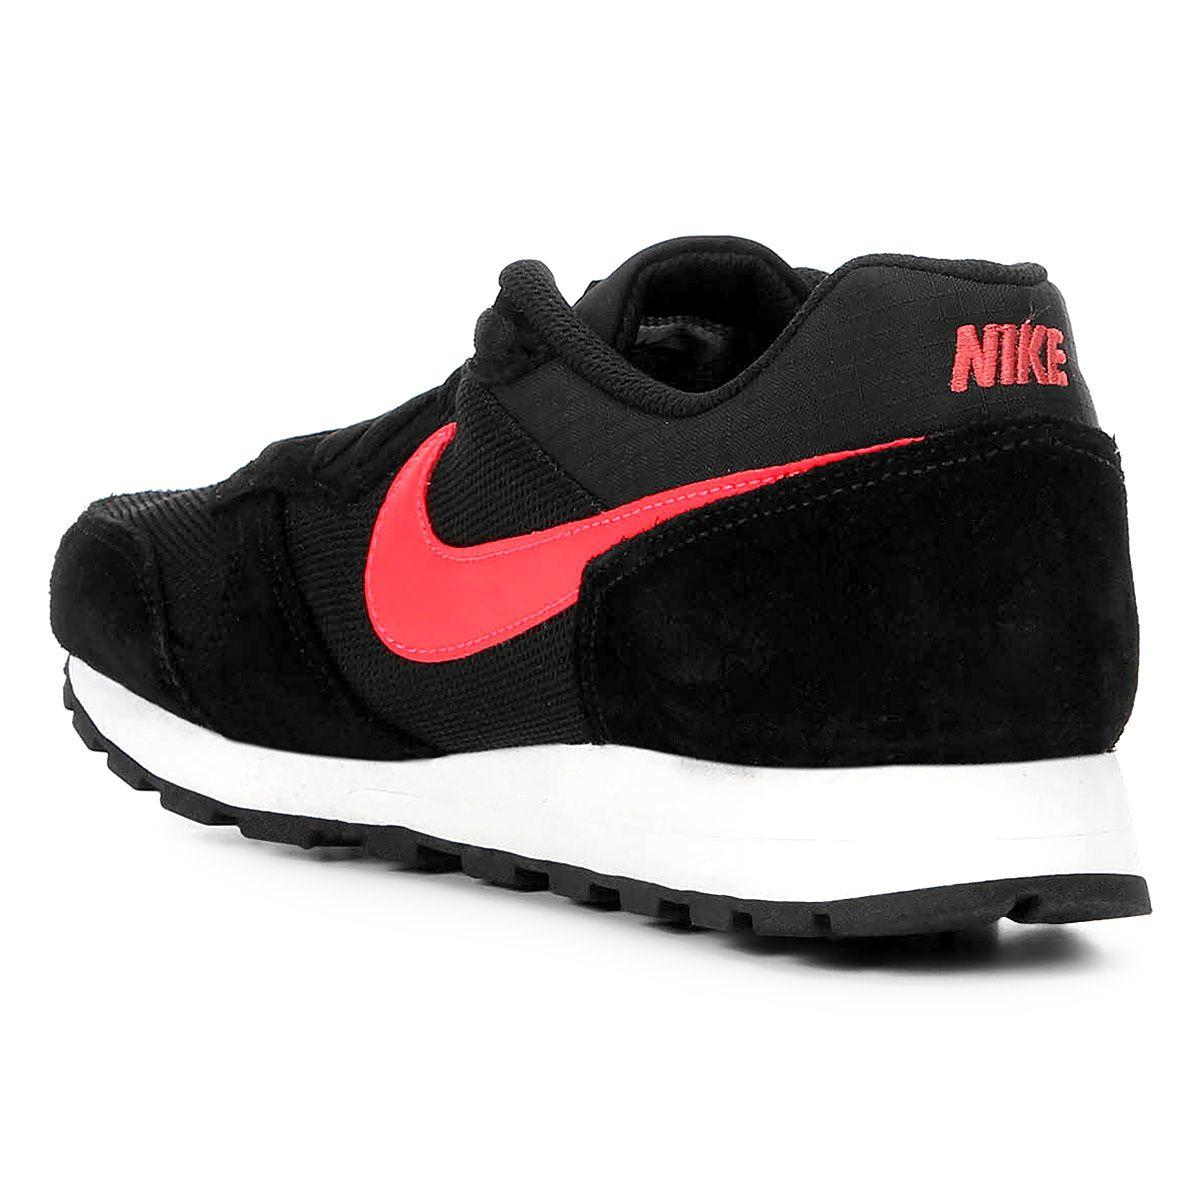 ceffa7a196ac94 Tênis Nike Md Runner 2 Masculino - Preto e Vermelho R$ 259,99 à vista.  Adicionar à sacola